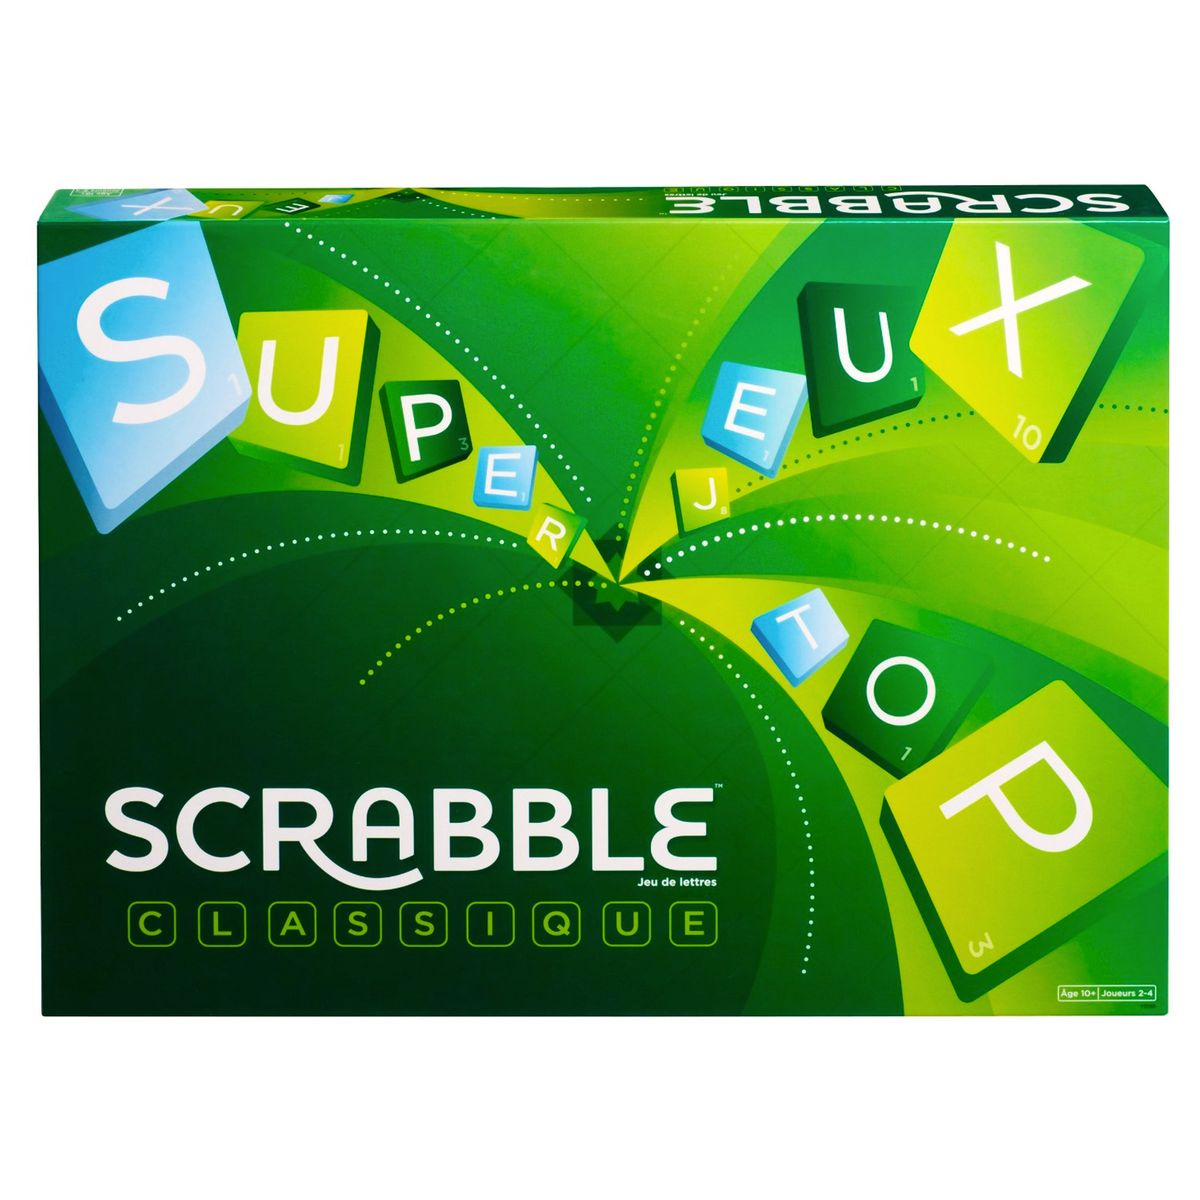 Acheter Scrabble à Paris chez Robin des Jeux